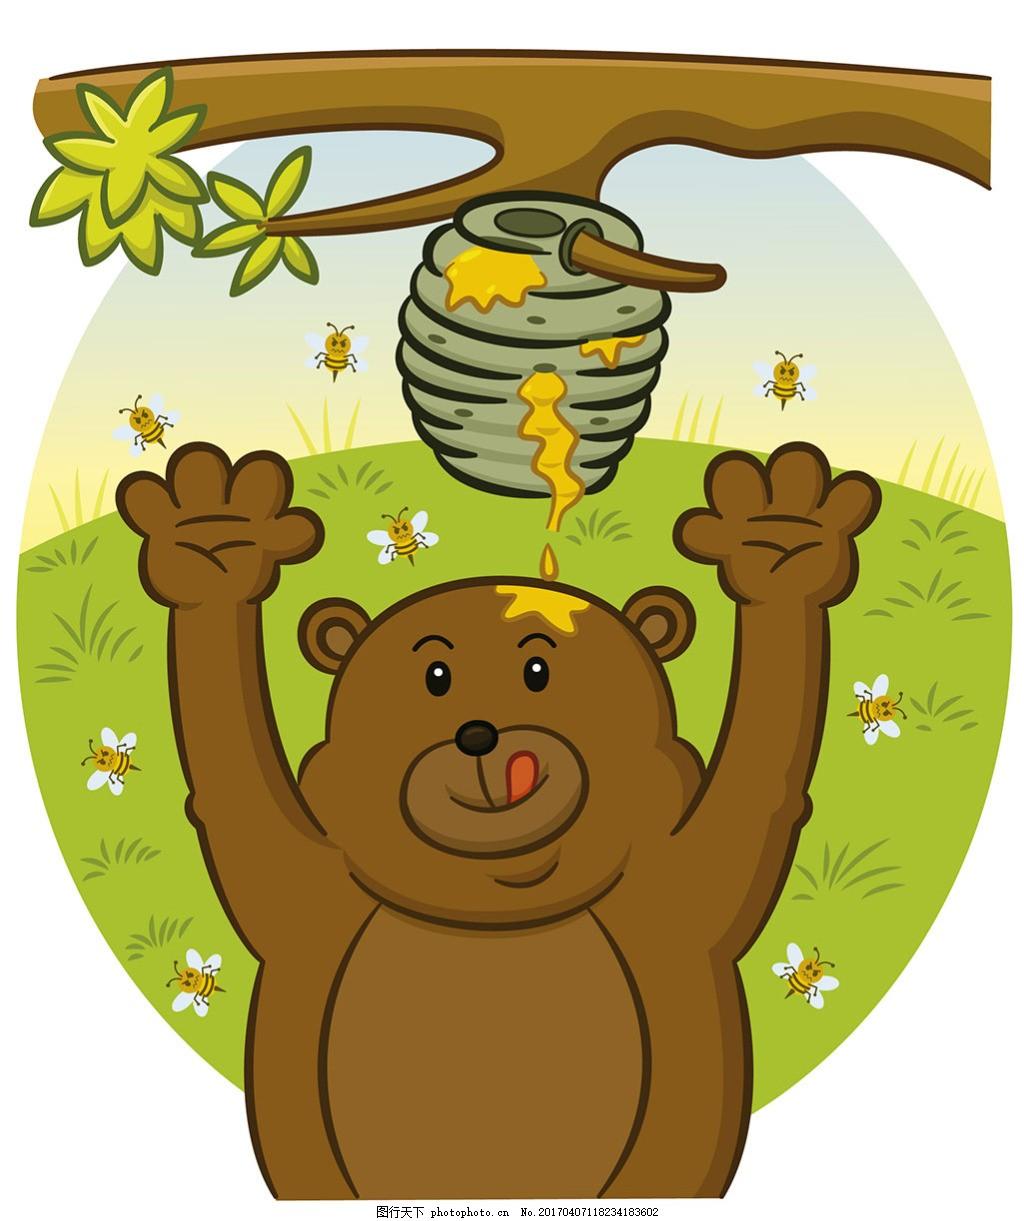 手绘熊试图吃蜂蜜背景